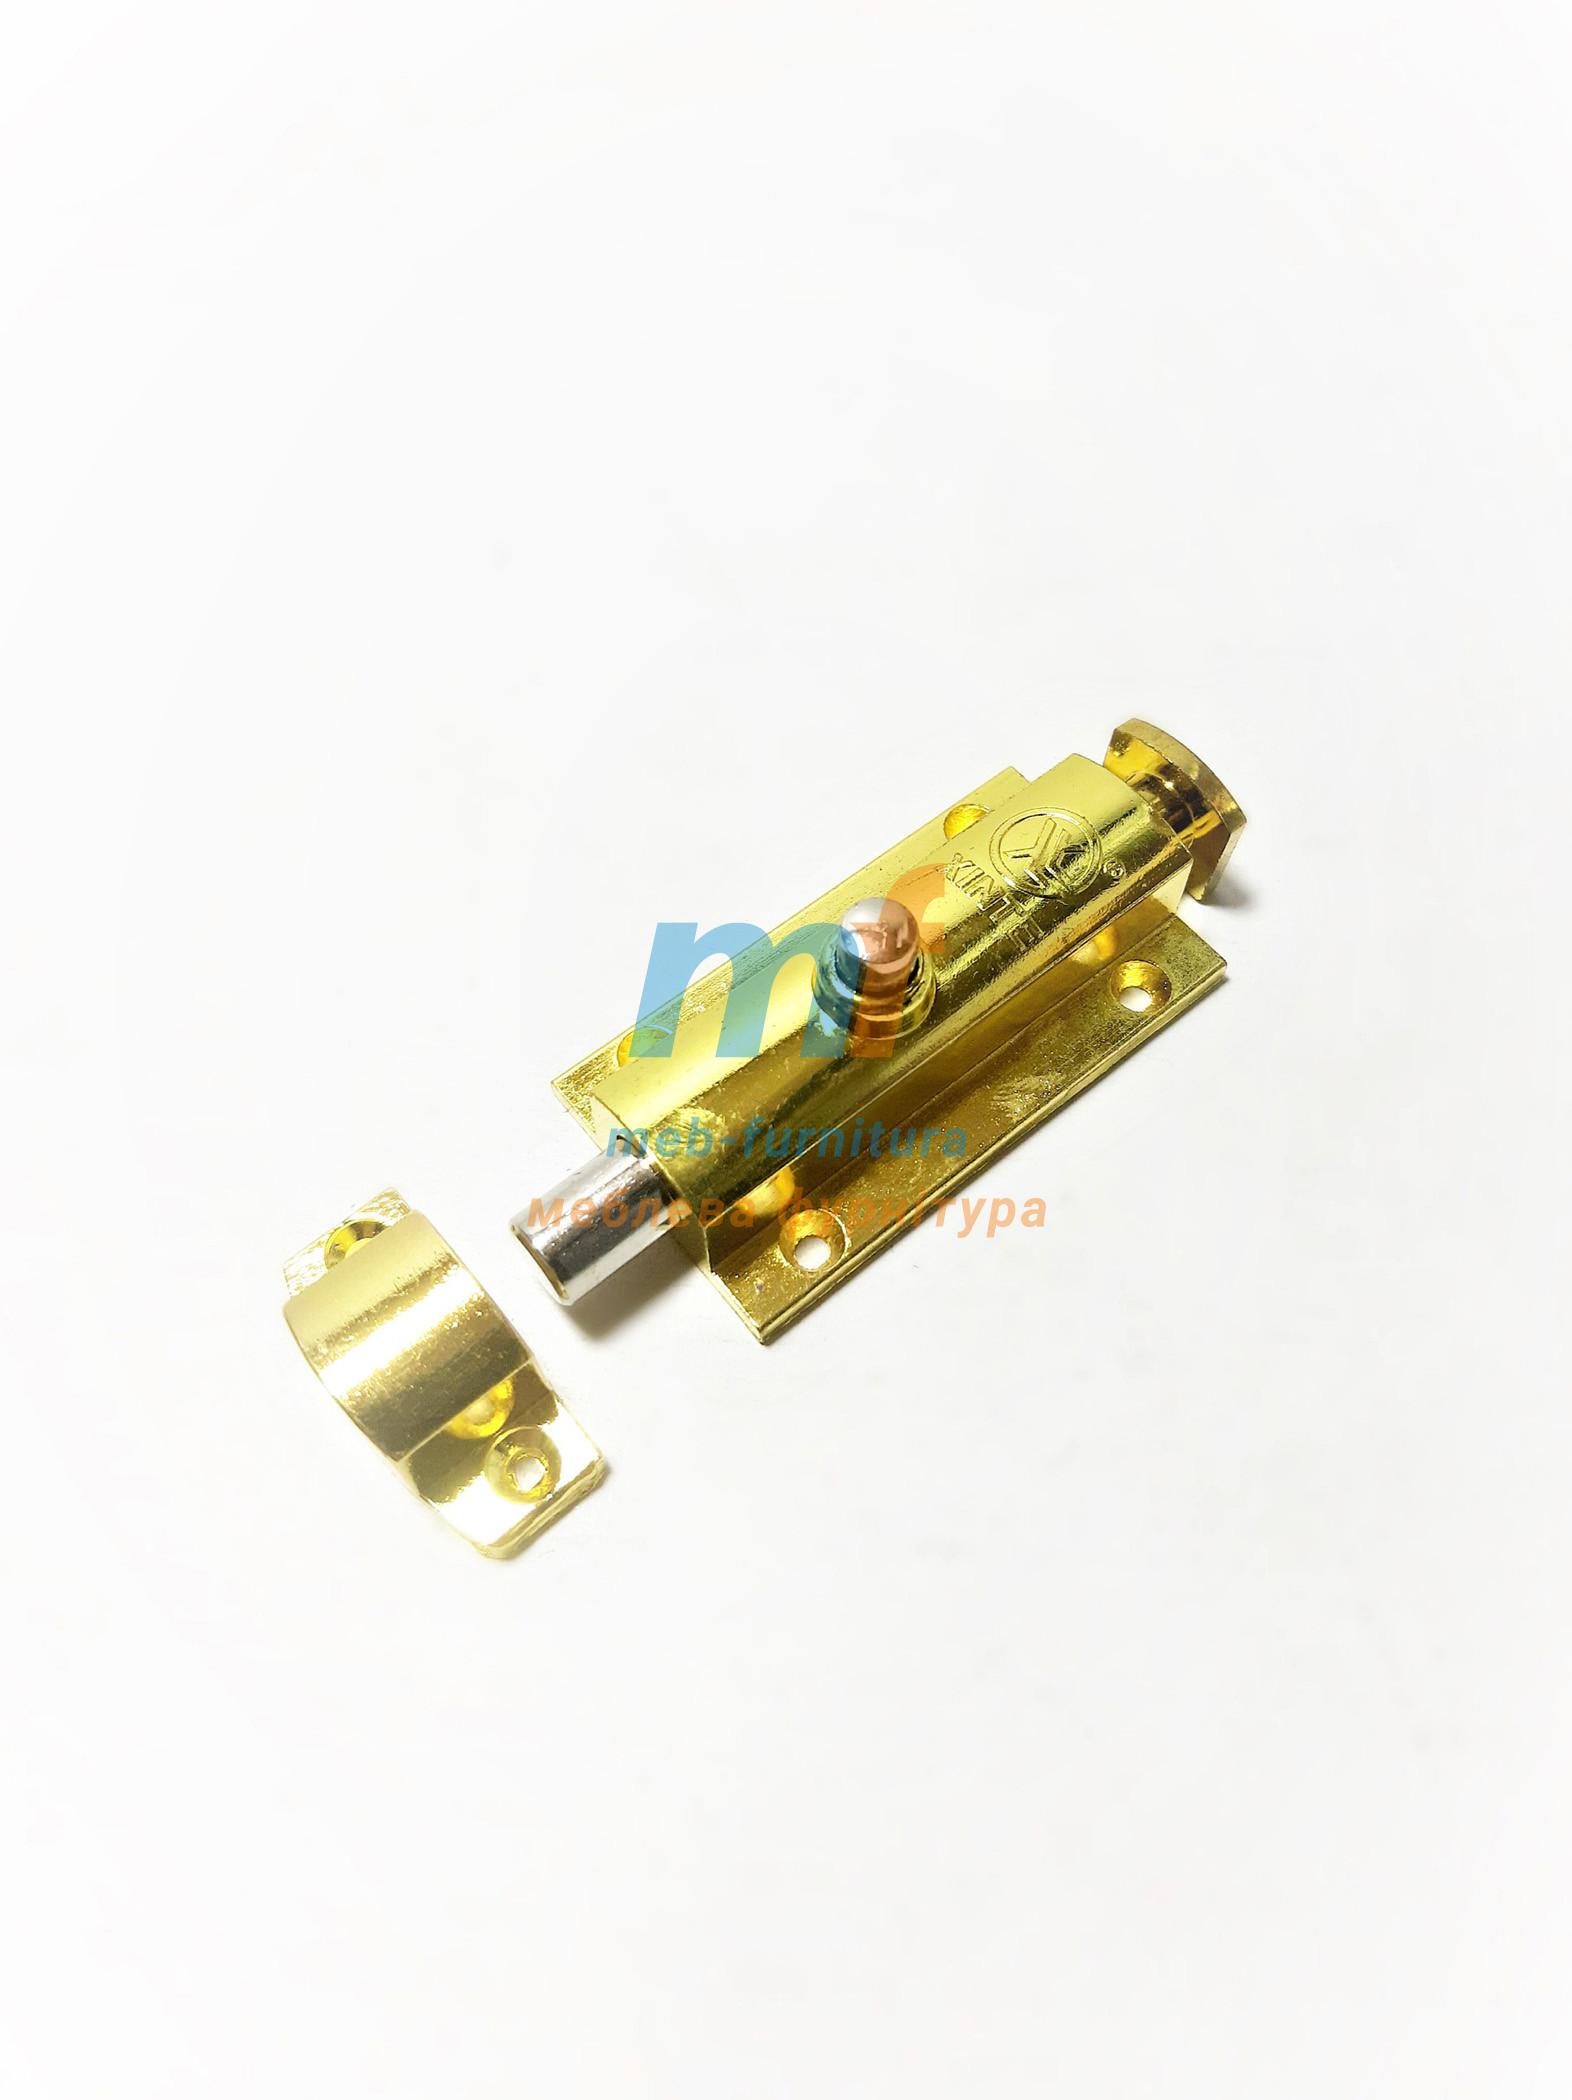 Шпингалет-кнопка Большой Золото